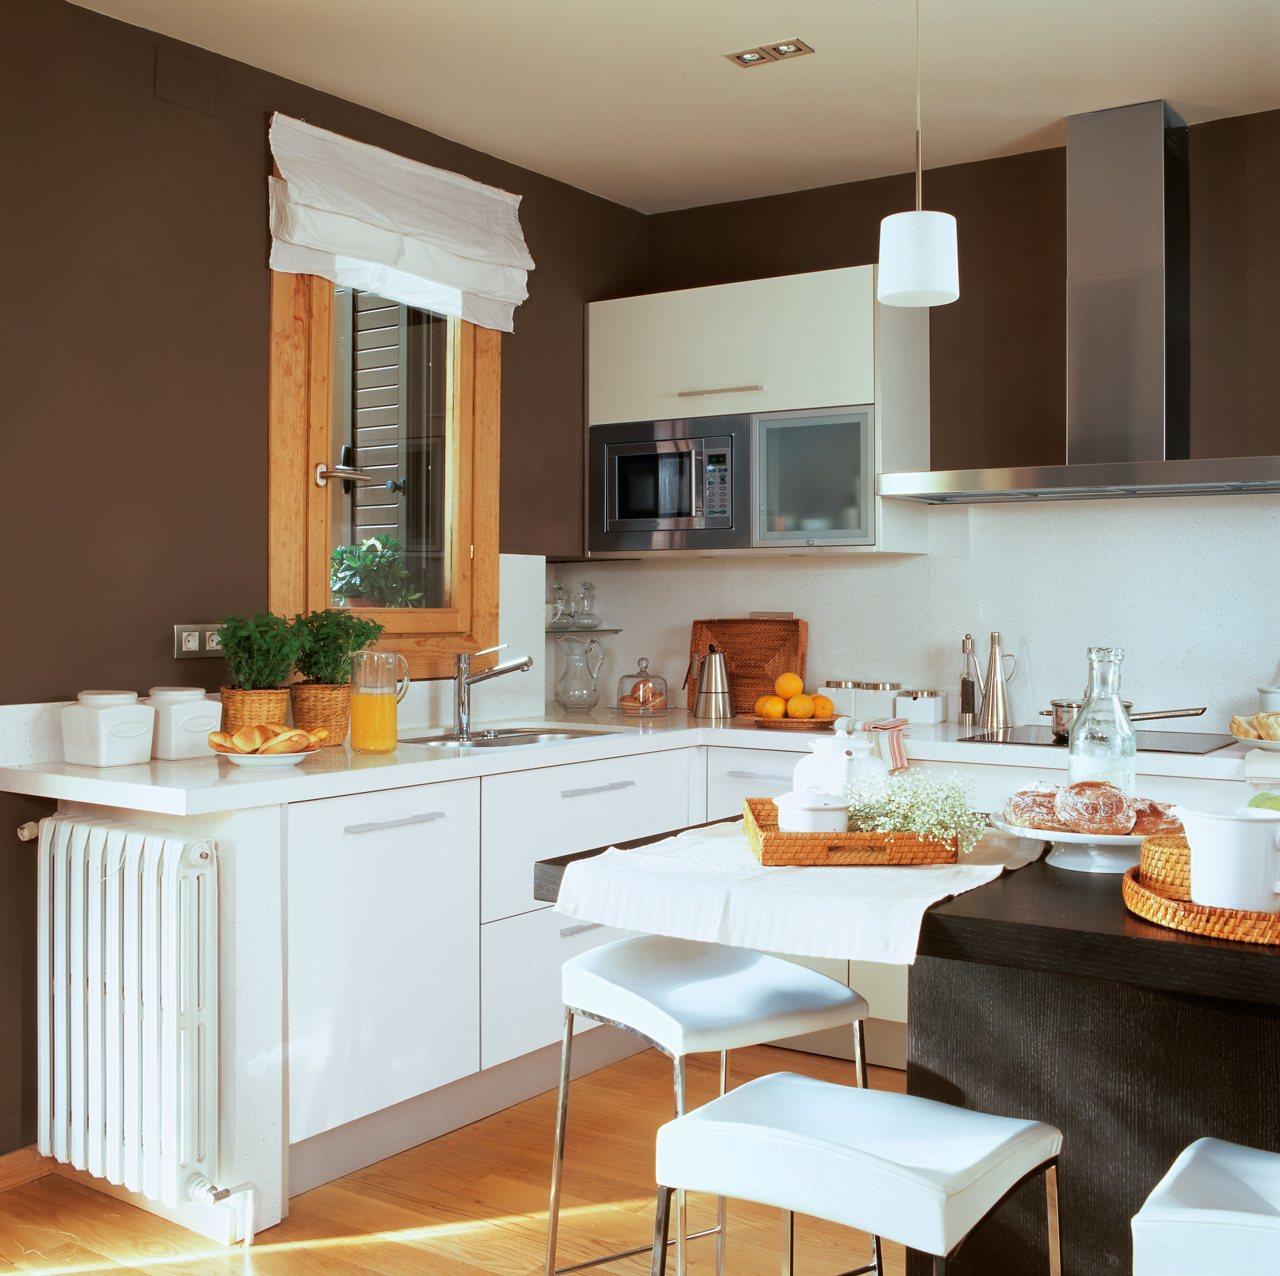 Buenas ideas para cocinas peque as - Ideas para cocina ...